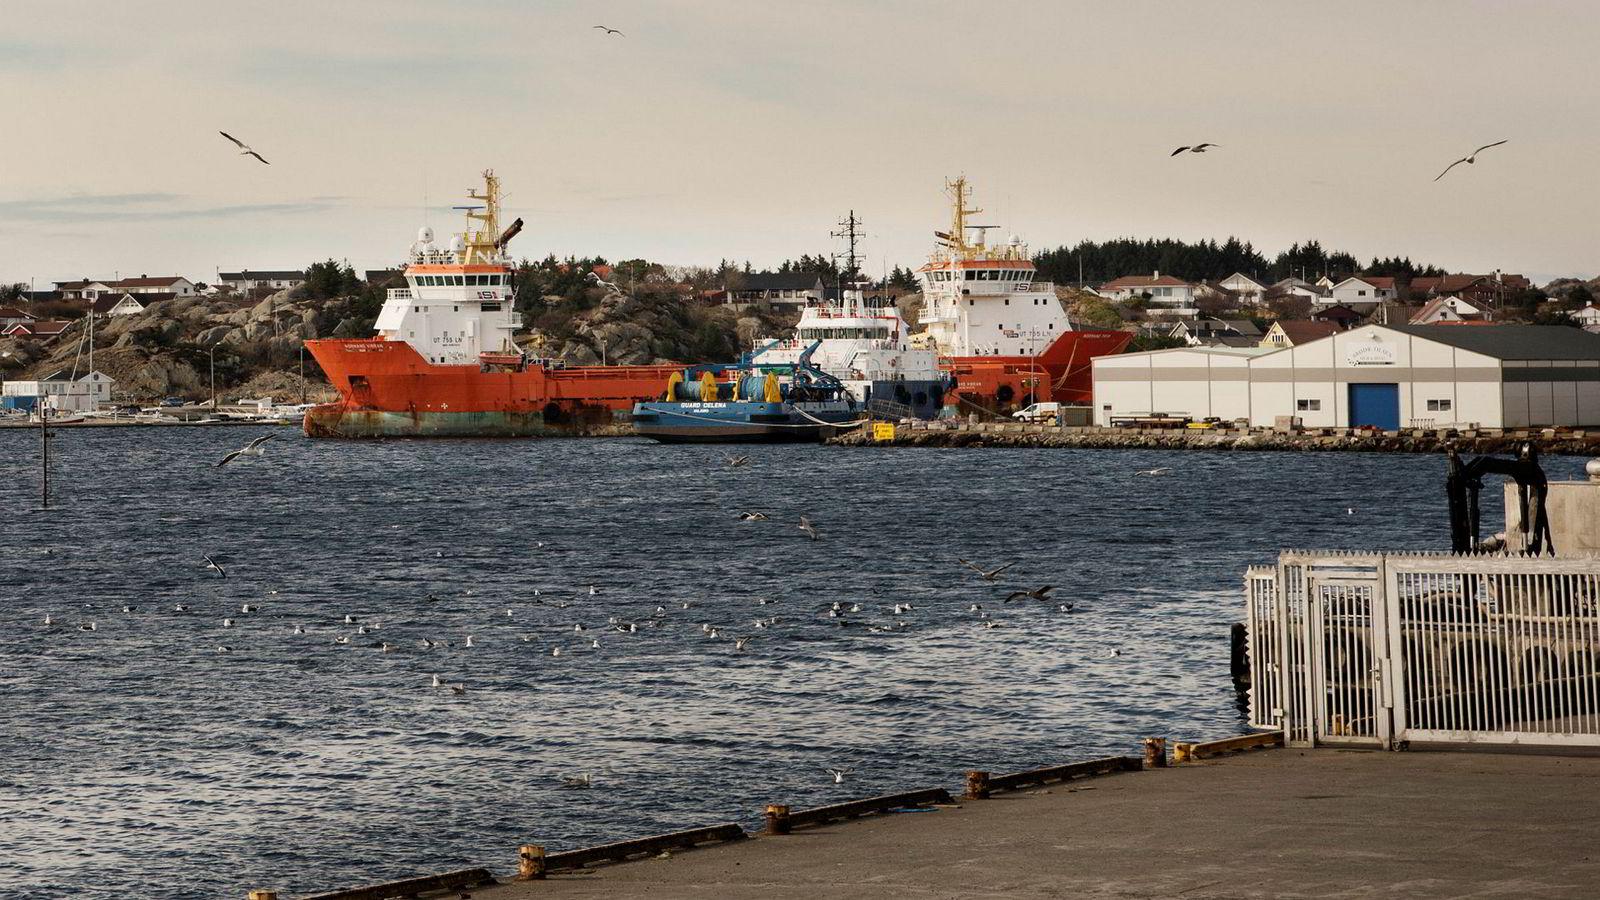 Det har vært tøffe tider for shipping, der Solstad har nedbemannet og fusjonert. Her ligger supplyskip i opplag.